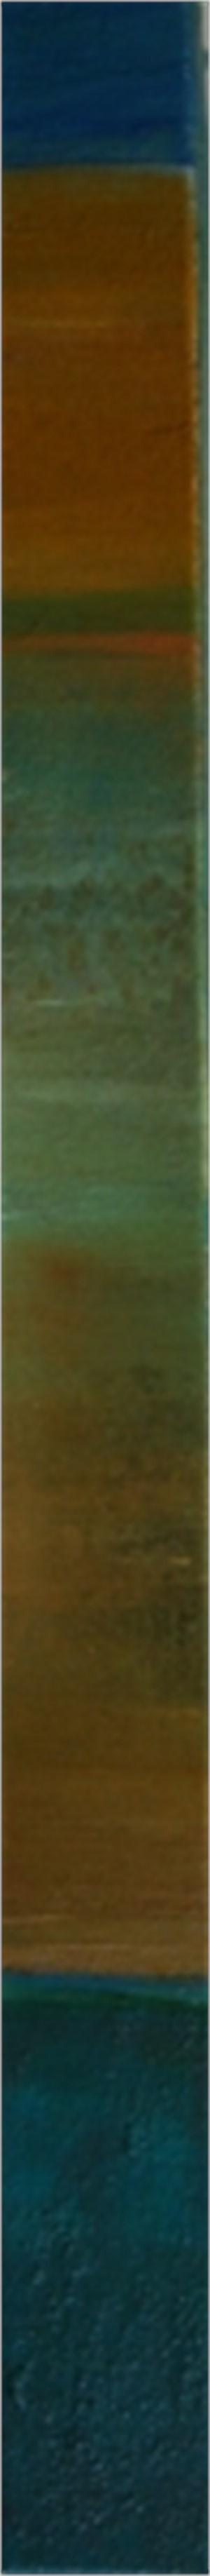 Sky Totem Assorted   48 x 4